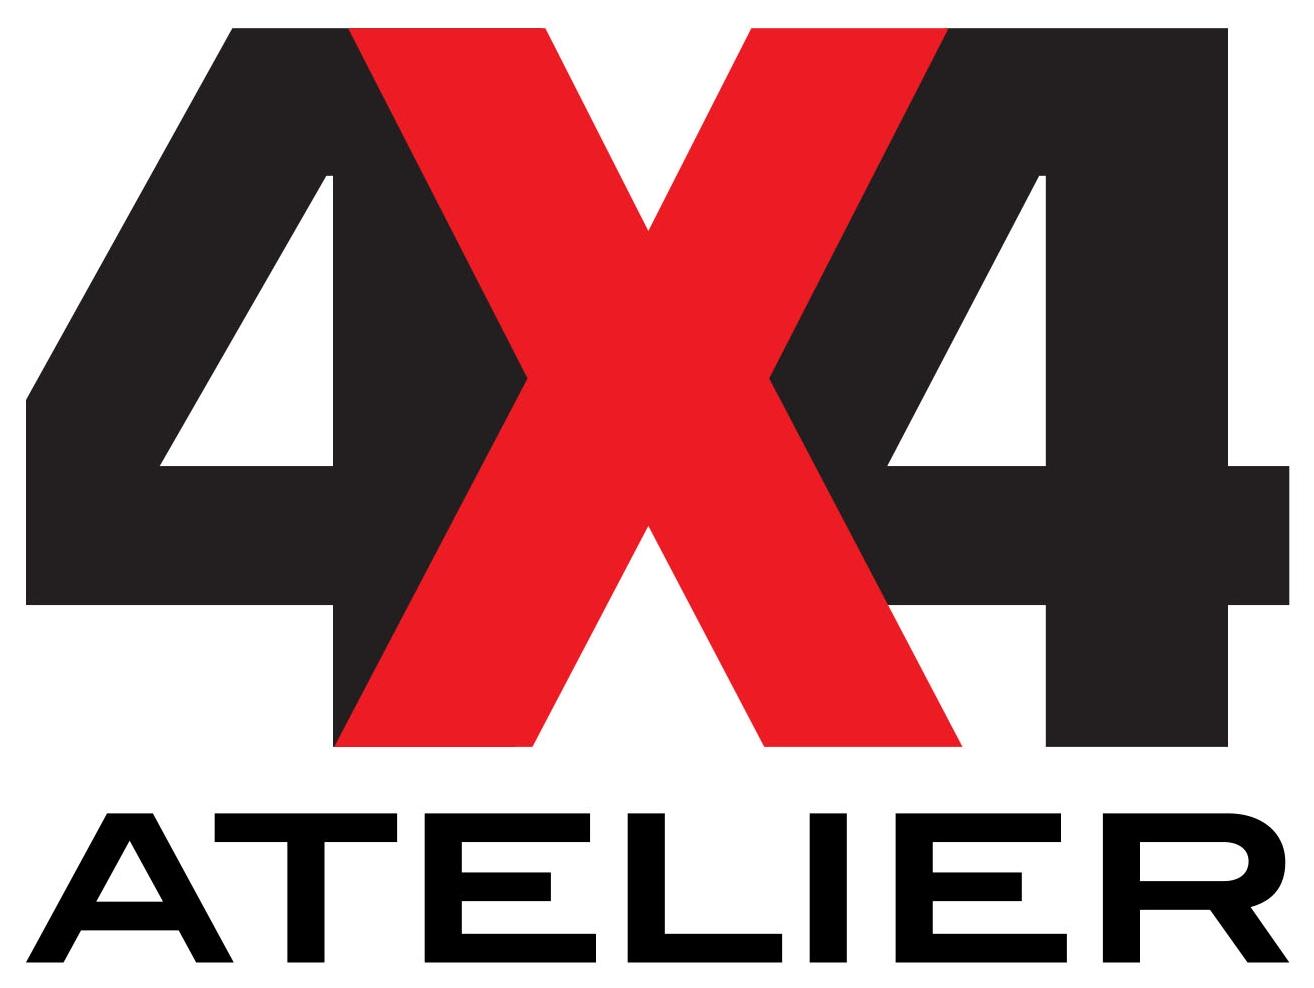 4x4atelier